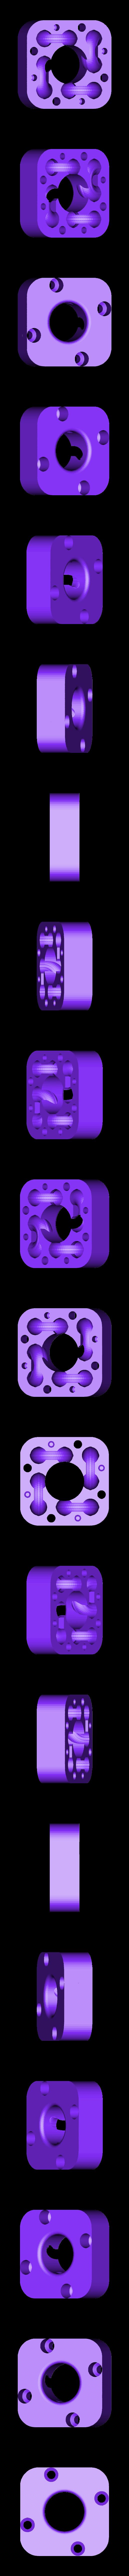 Corpse4_1.stl Télécharger fichier STL gratuit Roulement linéaire à recirculation de billes 10mm • Modèle pour imprimante 3D, SiberK